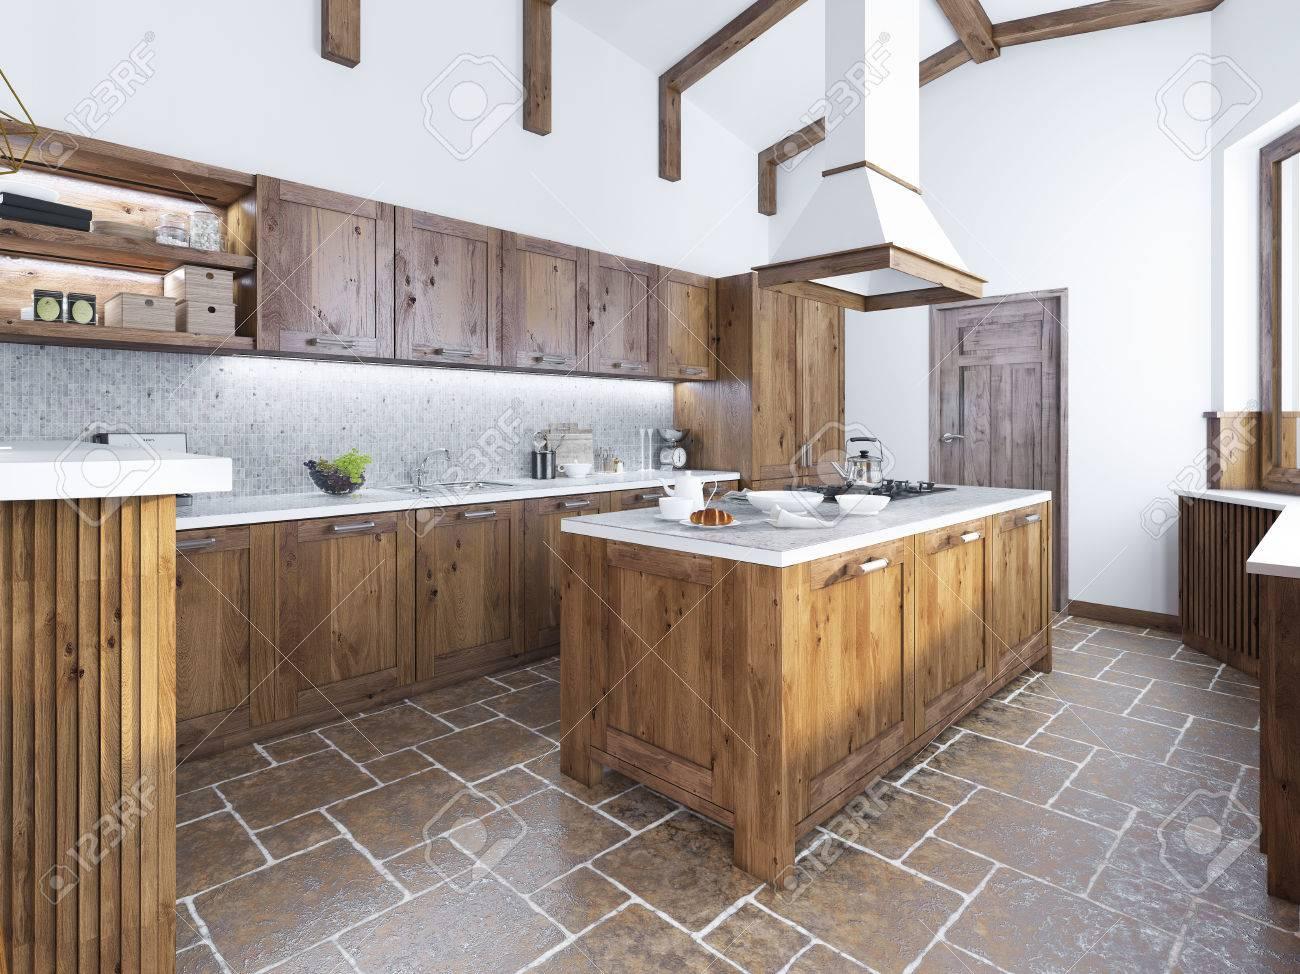 Cucina Moderna In Stile Loft. Isola Cucina Con Un Cappuccio Su Di ...